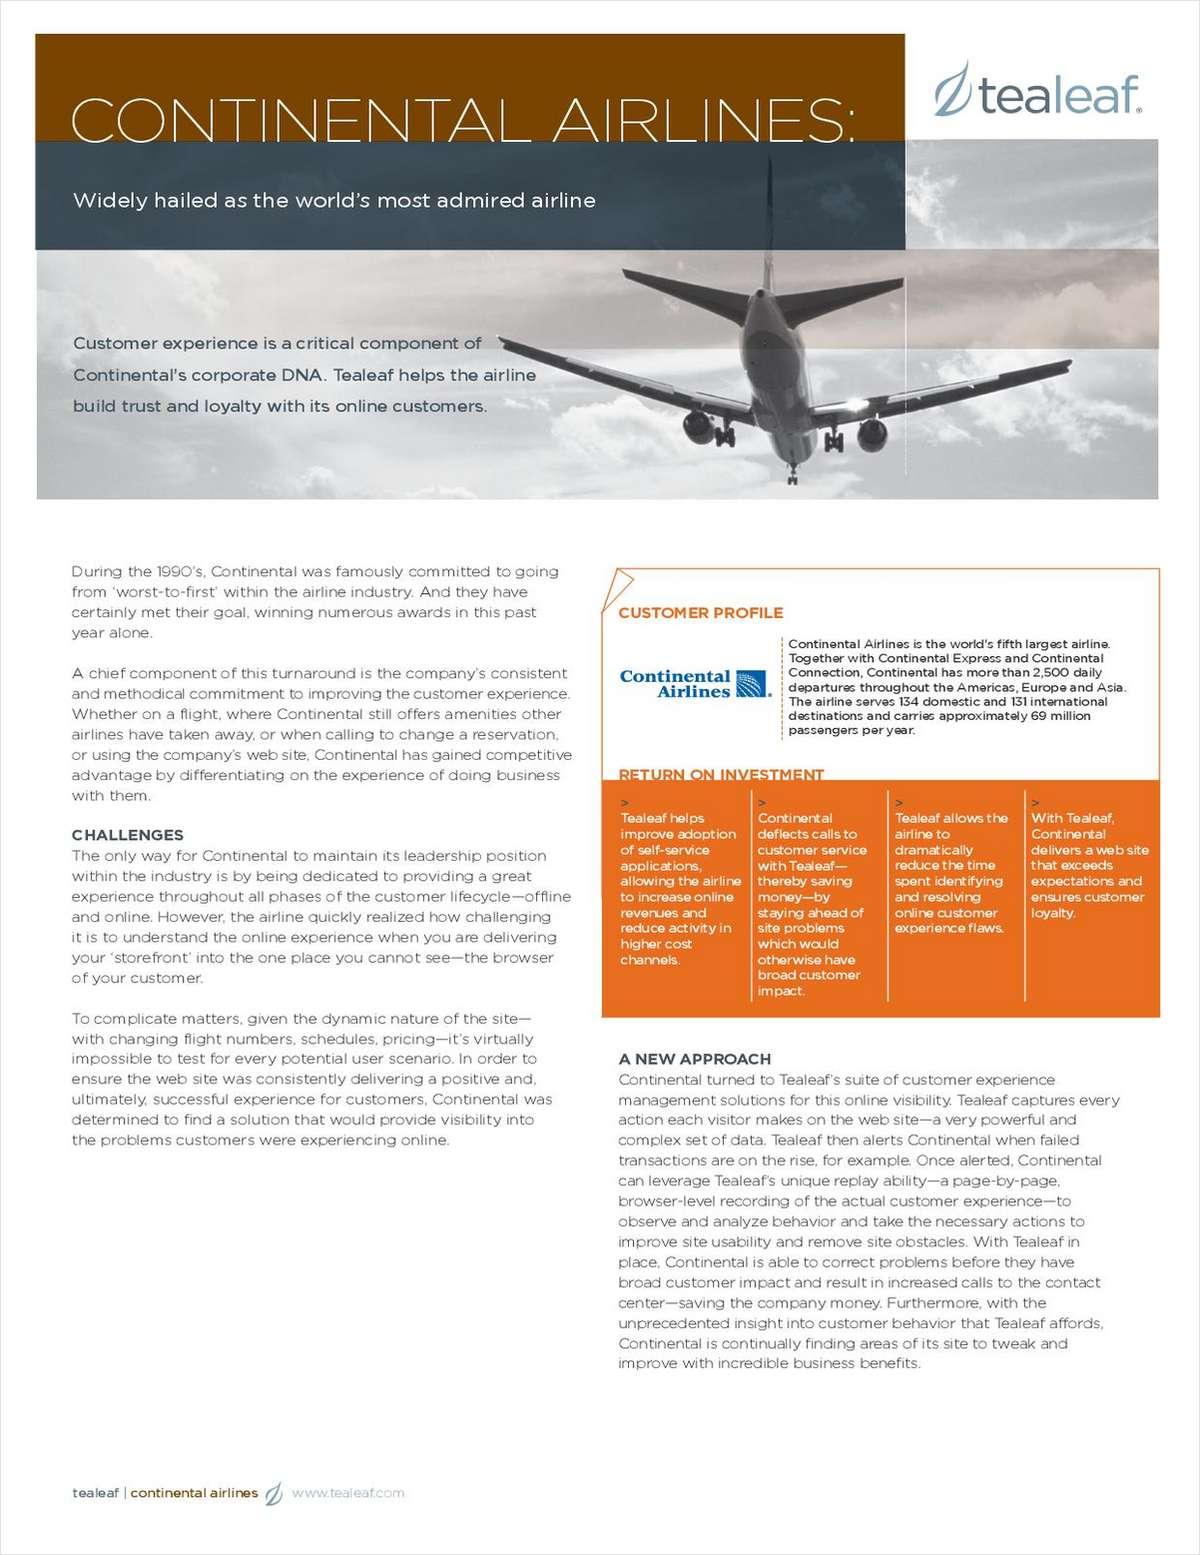 Desarrollo de la Confianza del Cliente a Través de Experiencias Positivas en su Sitio Web